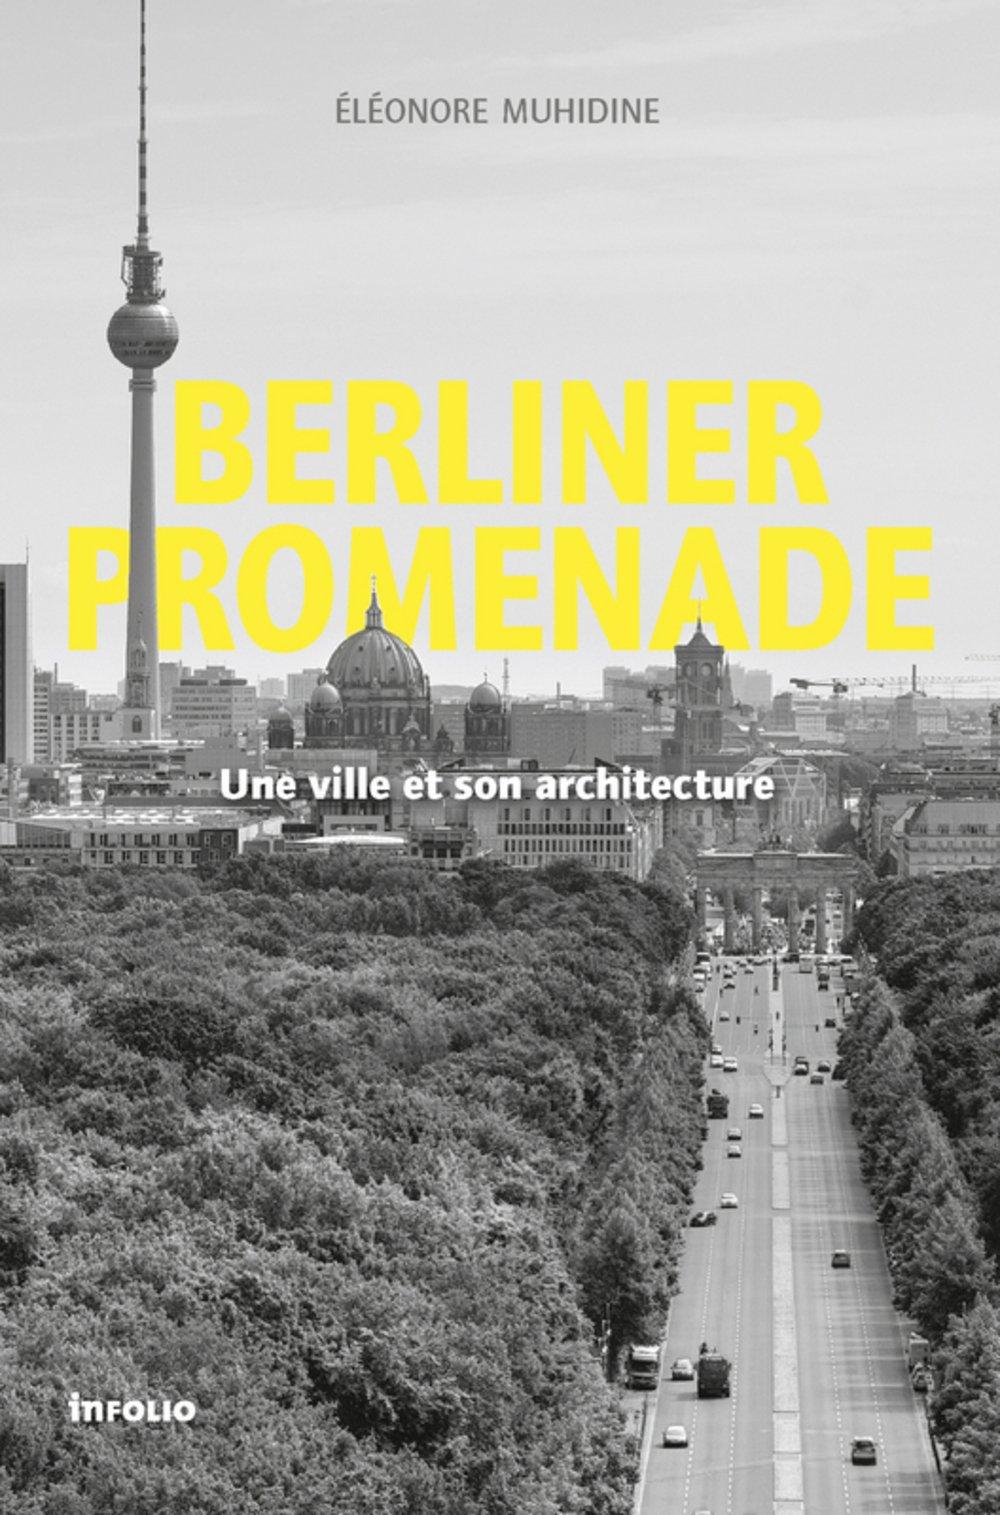 Berliner Promenade : Une ville et son architecture